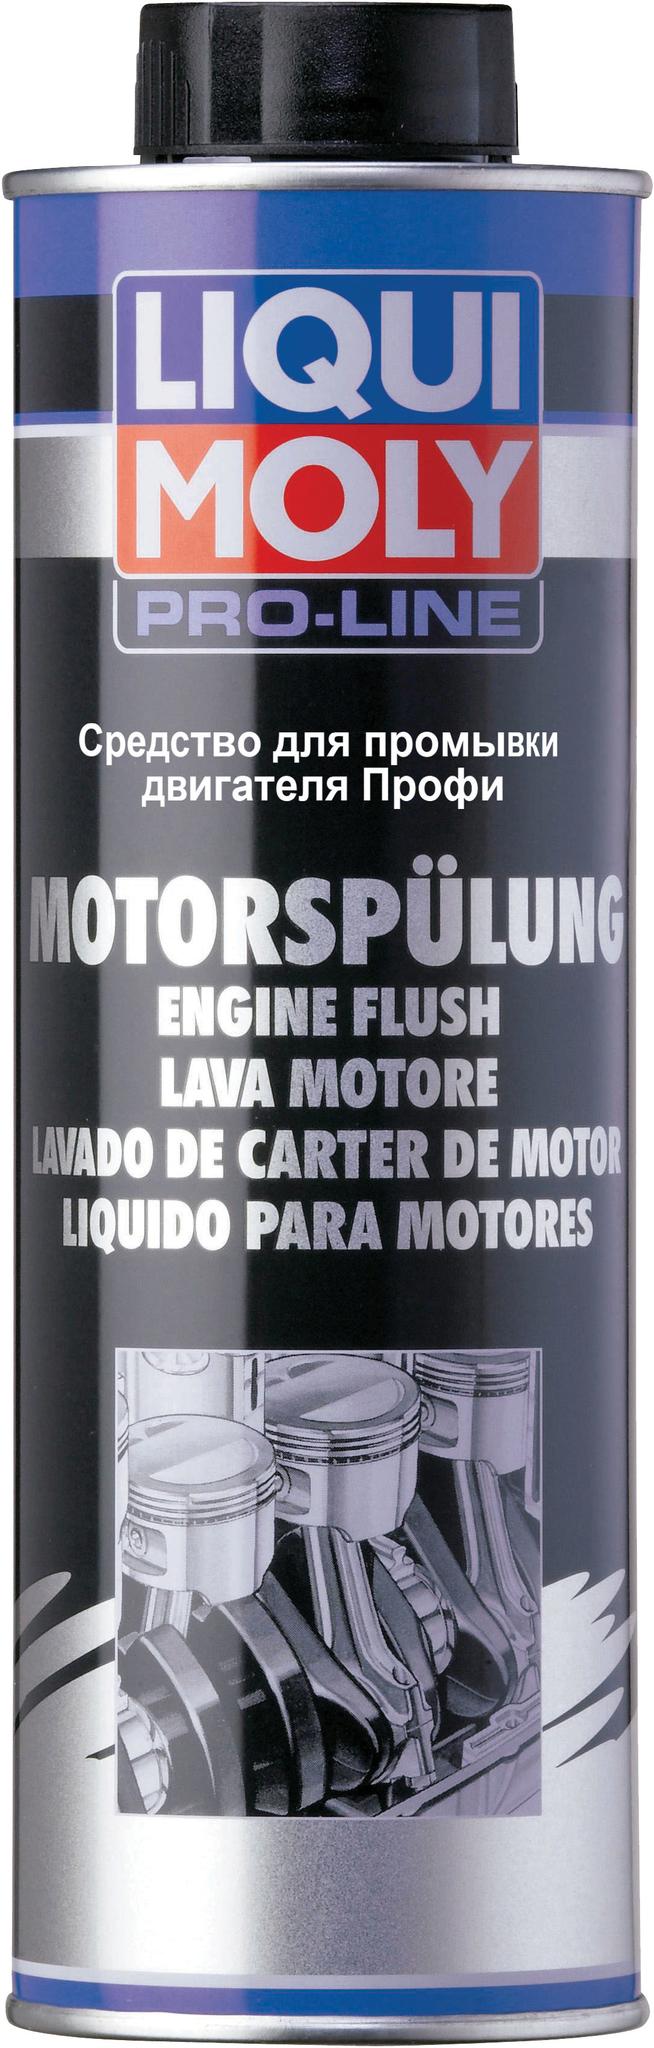 Liqui Moly Pro-Line Motorspulung Профессиональное средство для промывки двигателя